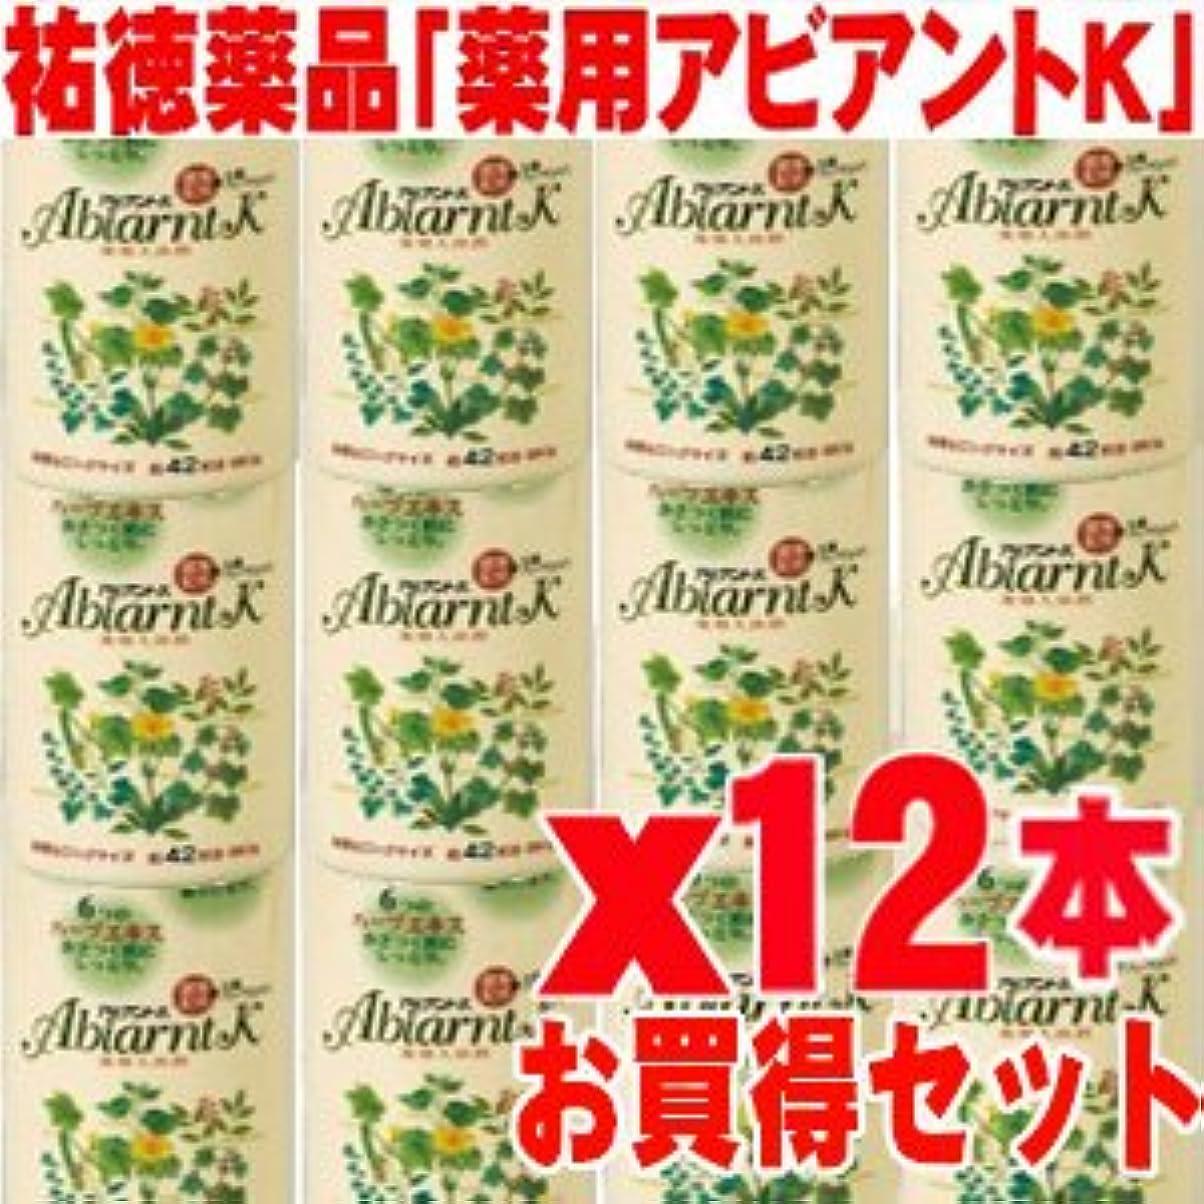 石膏ポテト衝突アビアントK 薬用入浴剤 850gx12本 (総合計10.2kg)4987235024123